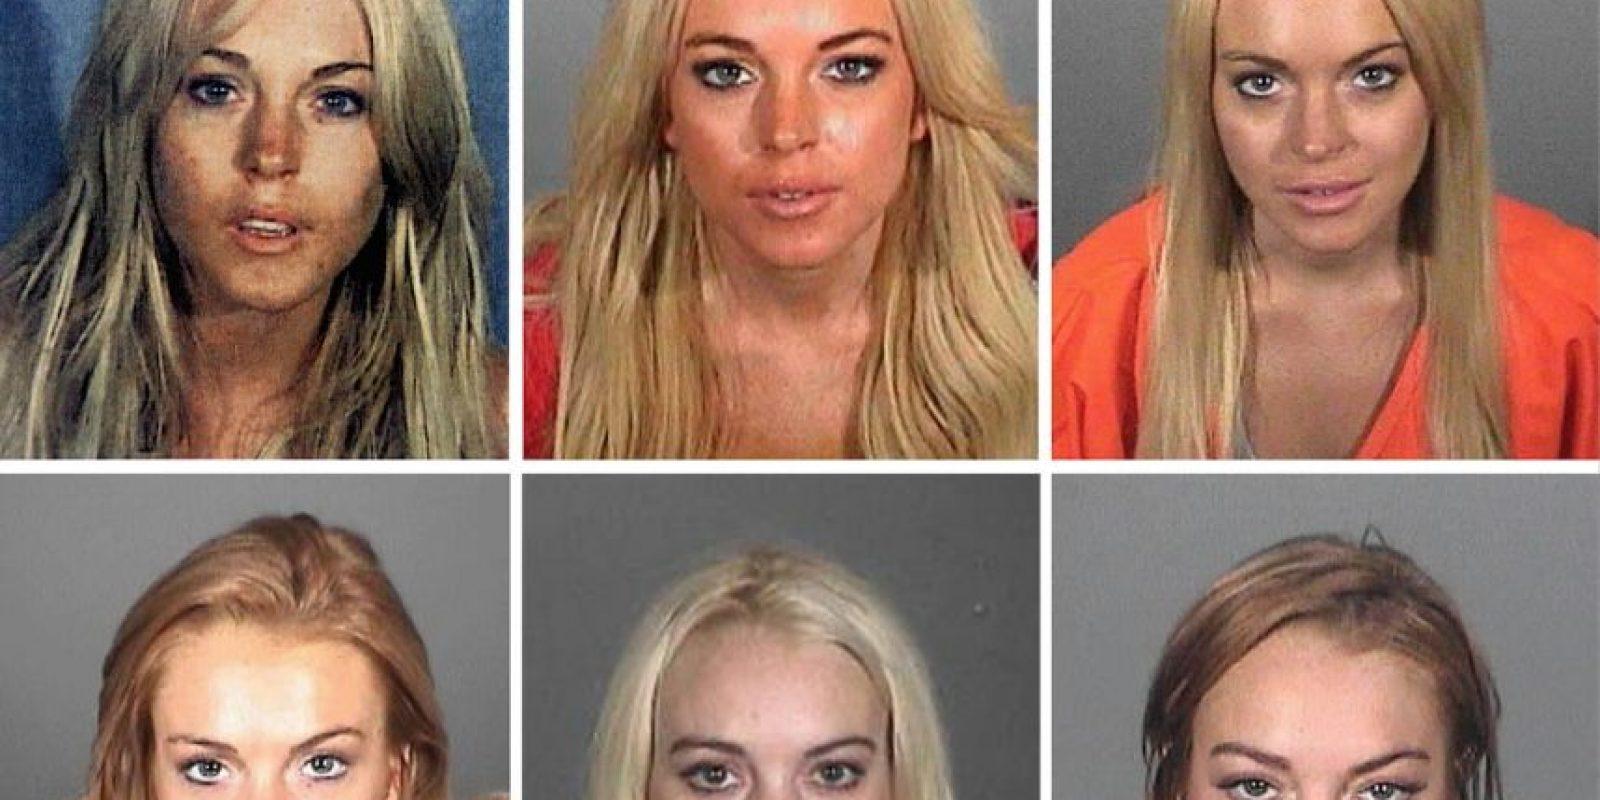 La actriz se enfrentó a las autoridades en diferentes ocasiones, como consecuencia de sus problemas con las drogas y el alcohol. Foto:Getty Images